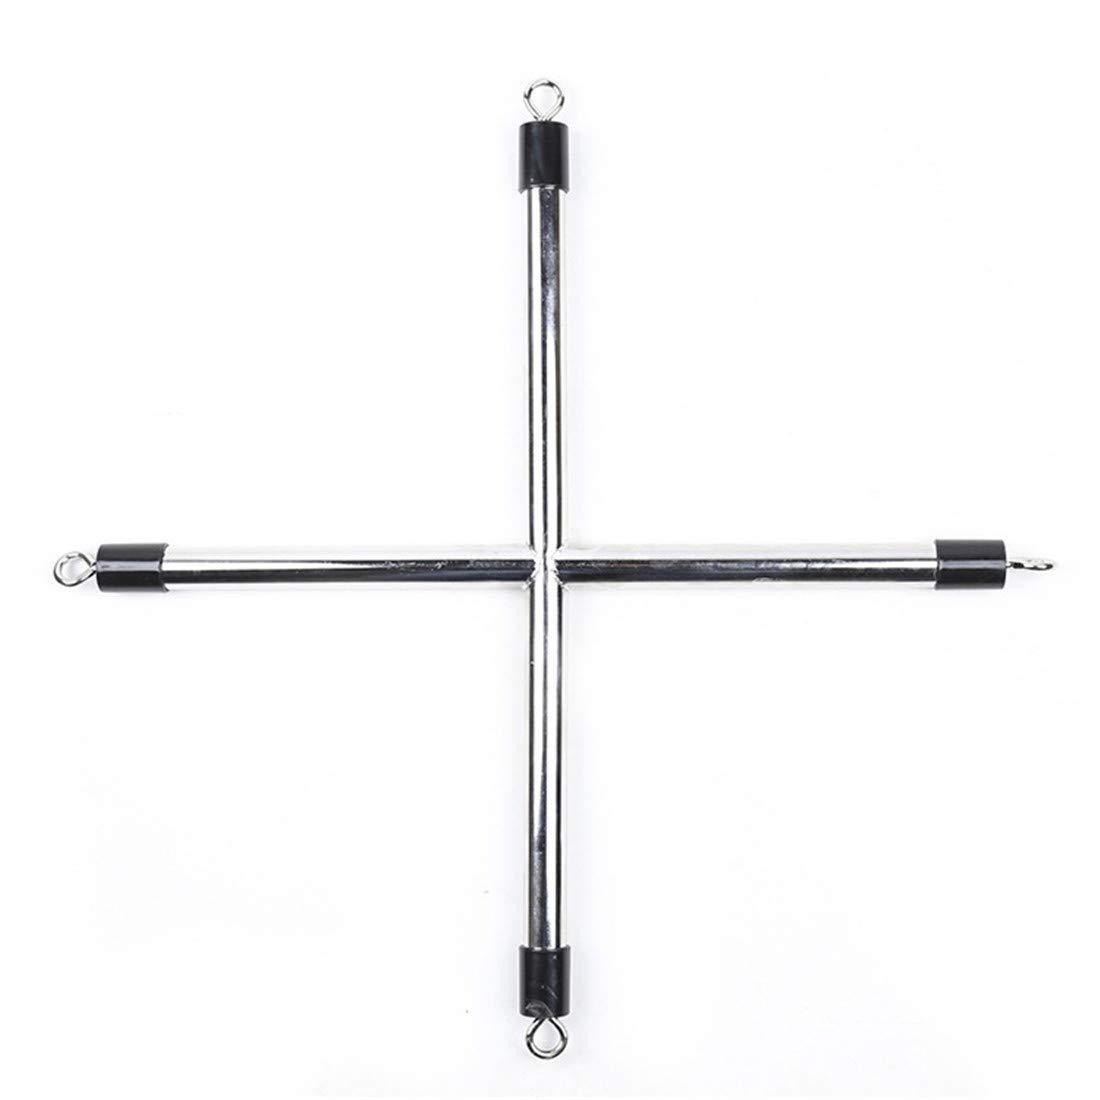 Limeinimukete Accesorios de encuadernación de Entrenamiento Juguetes, de Tubo de Acero con Forma de Juguetes, pie en Forma de Cruz en Forma de pie en Forma de T (Size : Cross) 165554